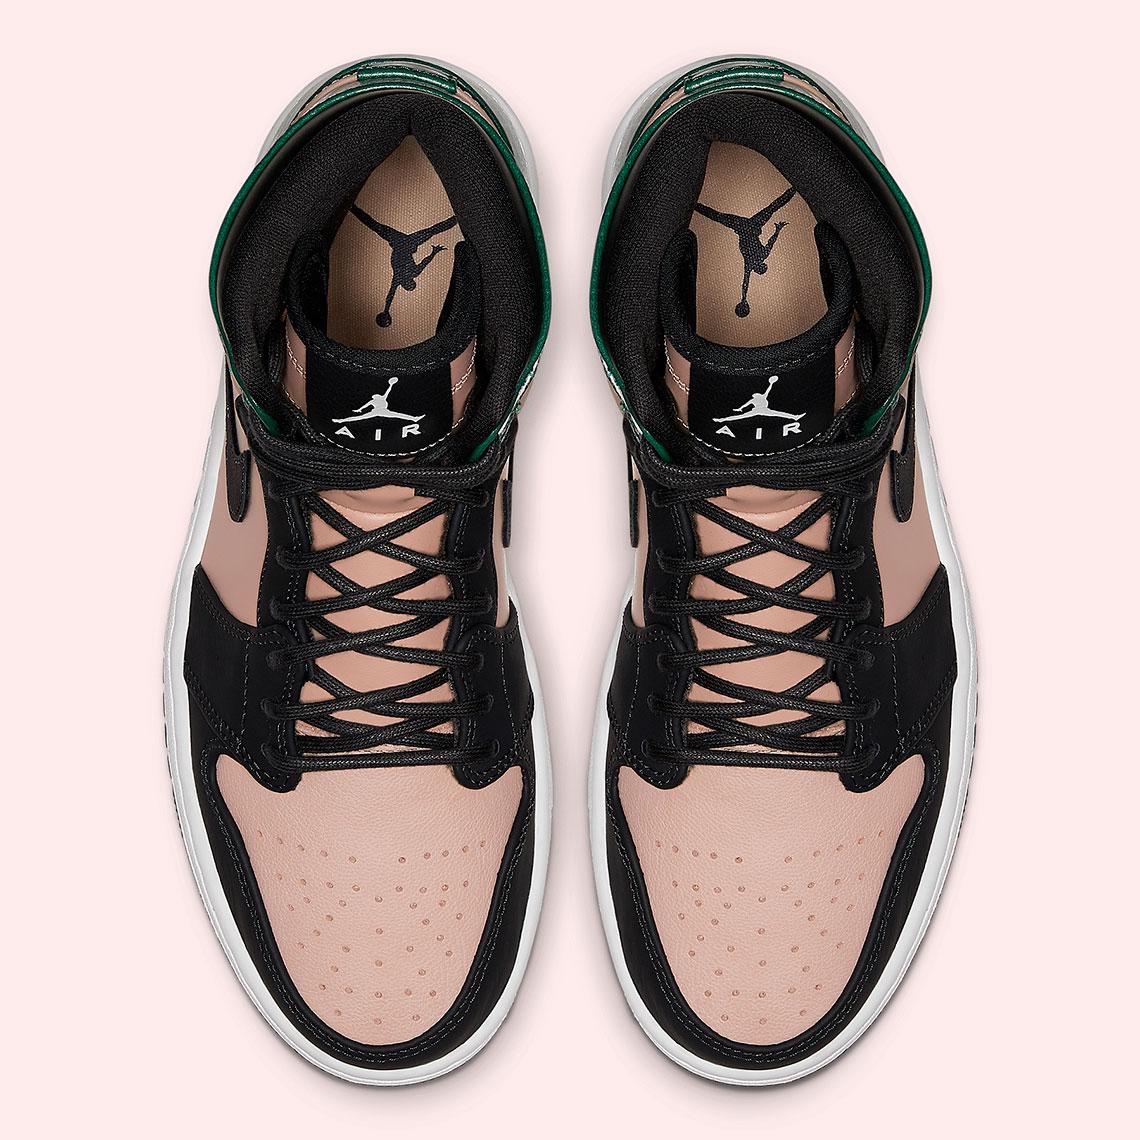 """Air Jordan 1 Retro High """"Metallic Green"""" Coming Soon: Official Photos"""